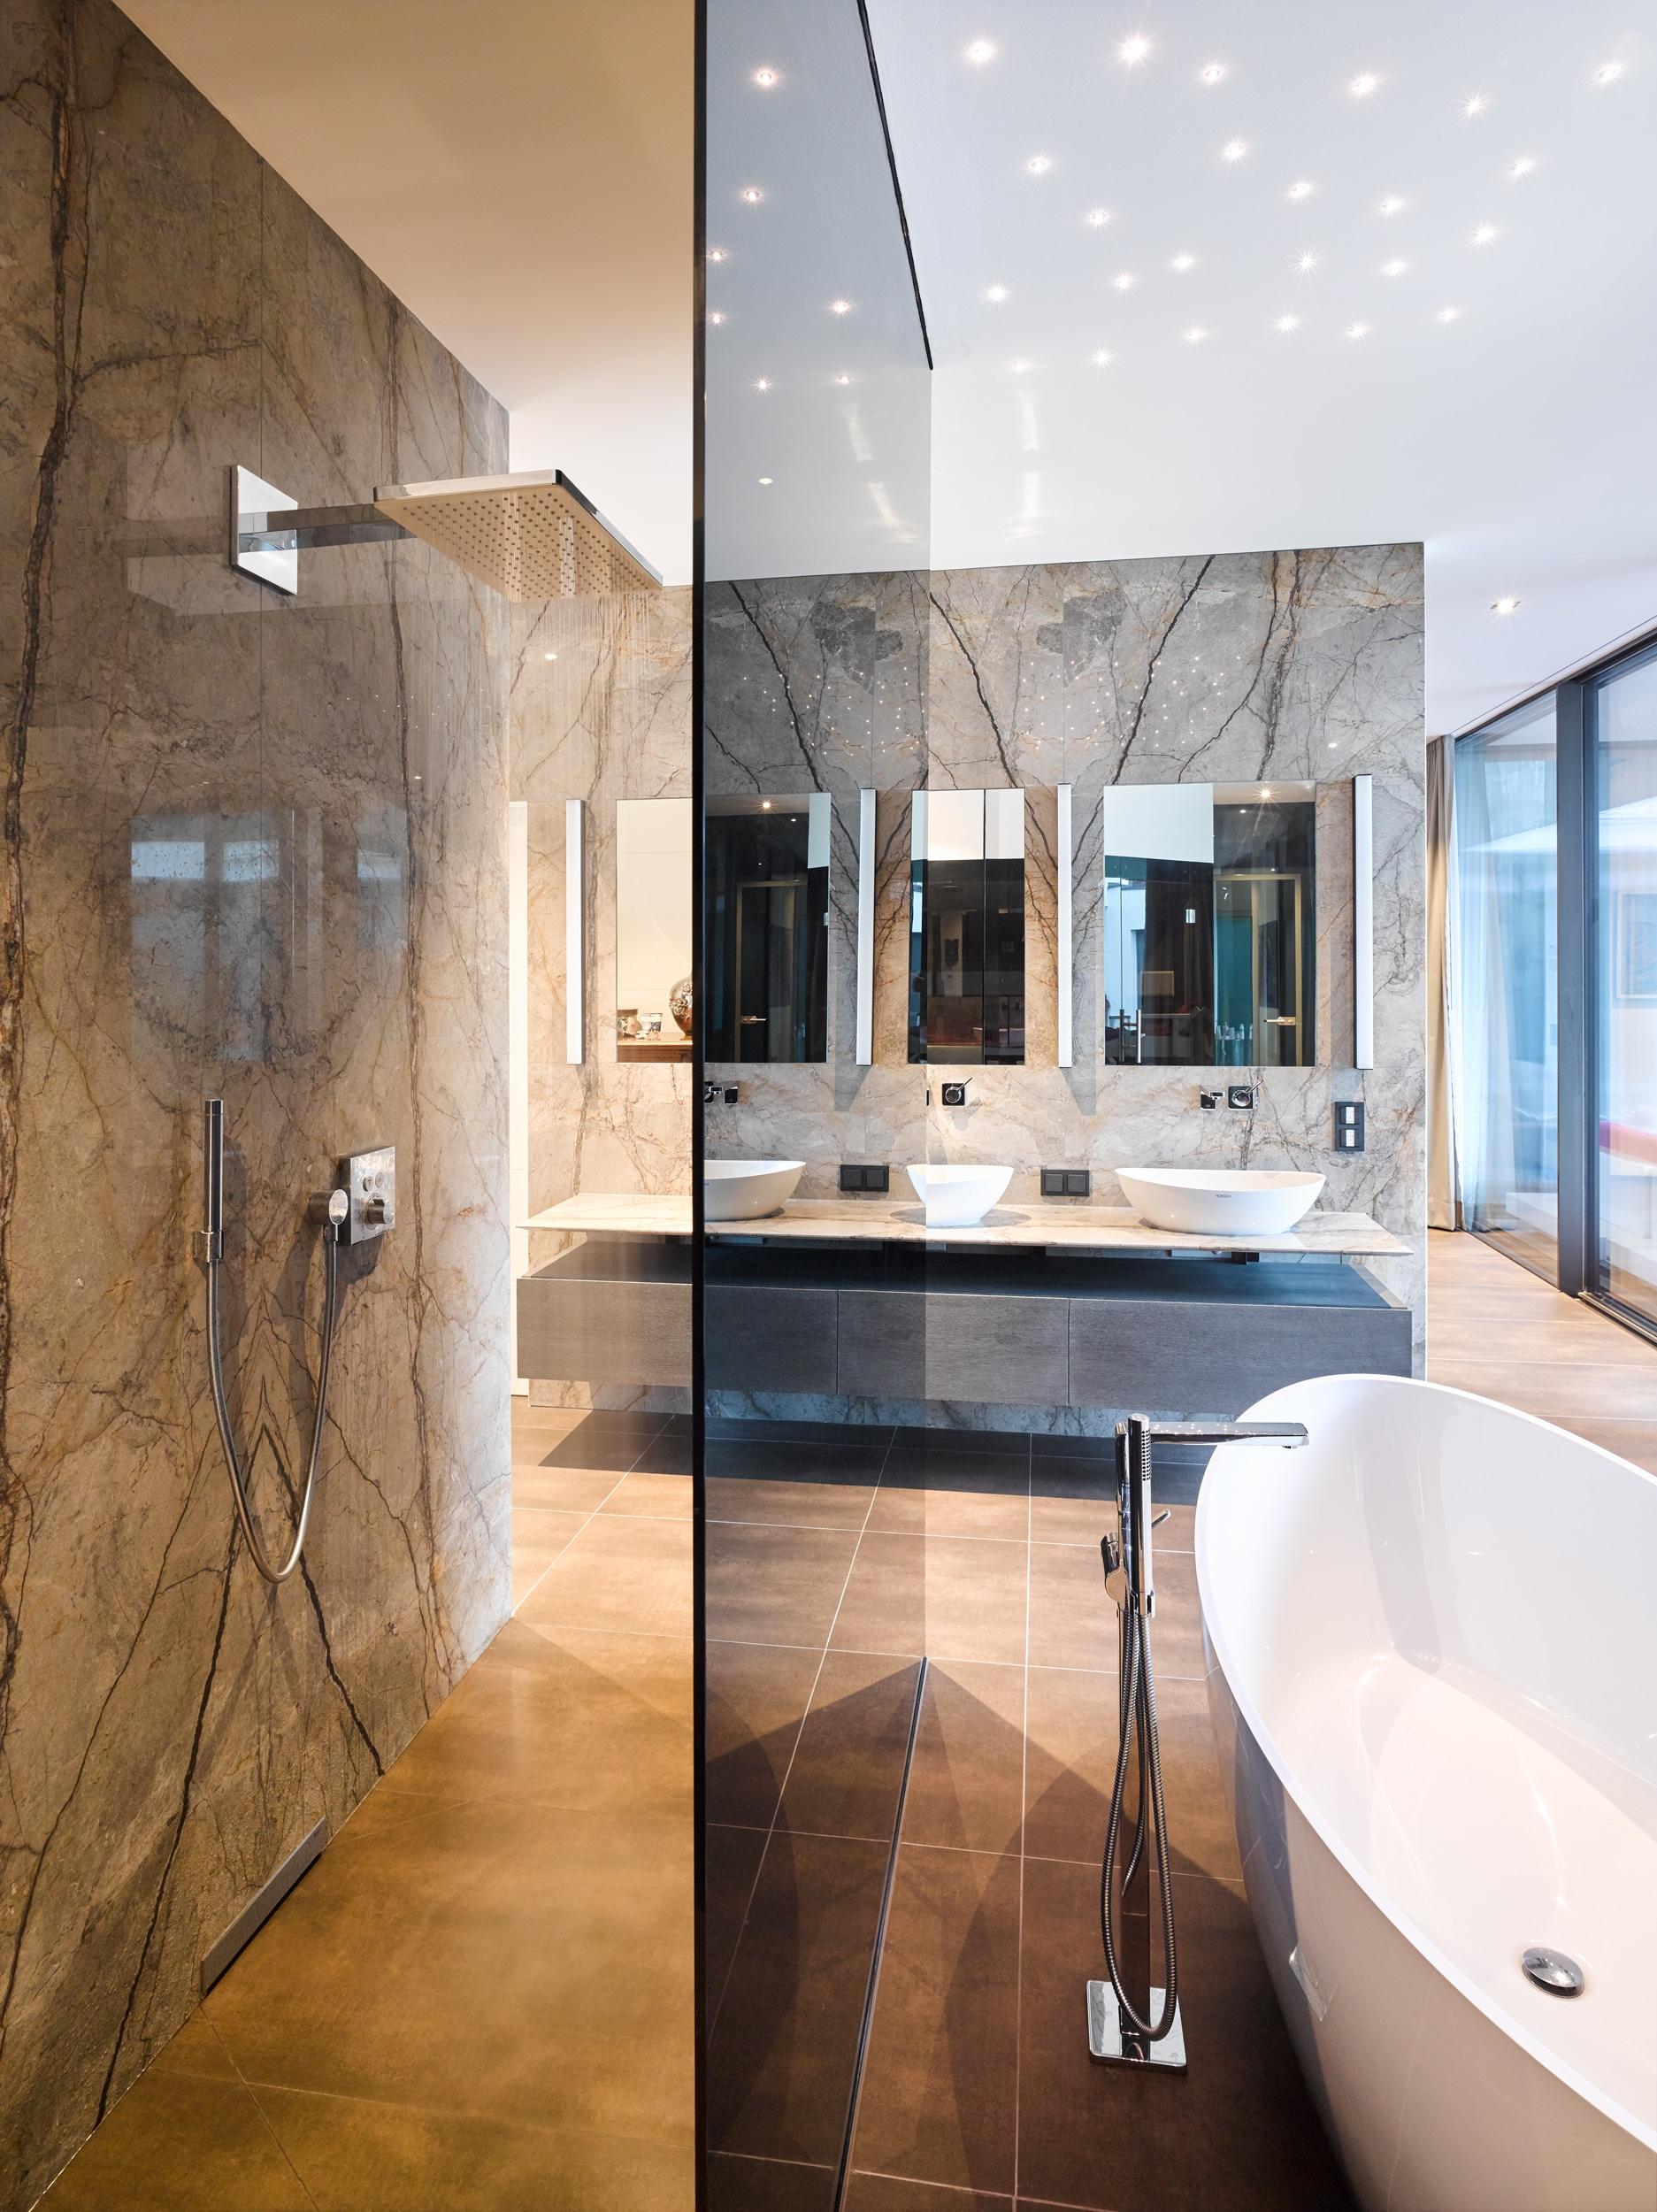 Schwarze Glaselemente wie etwa die Trennwand von der Badewanne zur elegant in den Raum integrierten Walk-in-Dusche bilden das ruhige Gegenstück zum Musterspiel des Steins. Ein in die Wand integrierter Abfluss lässt die Dusche sehr dezent wirken und bringt die große Steinwand als Trennelement perfekt zur Geltung.